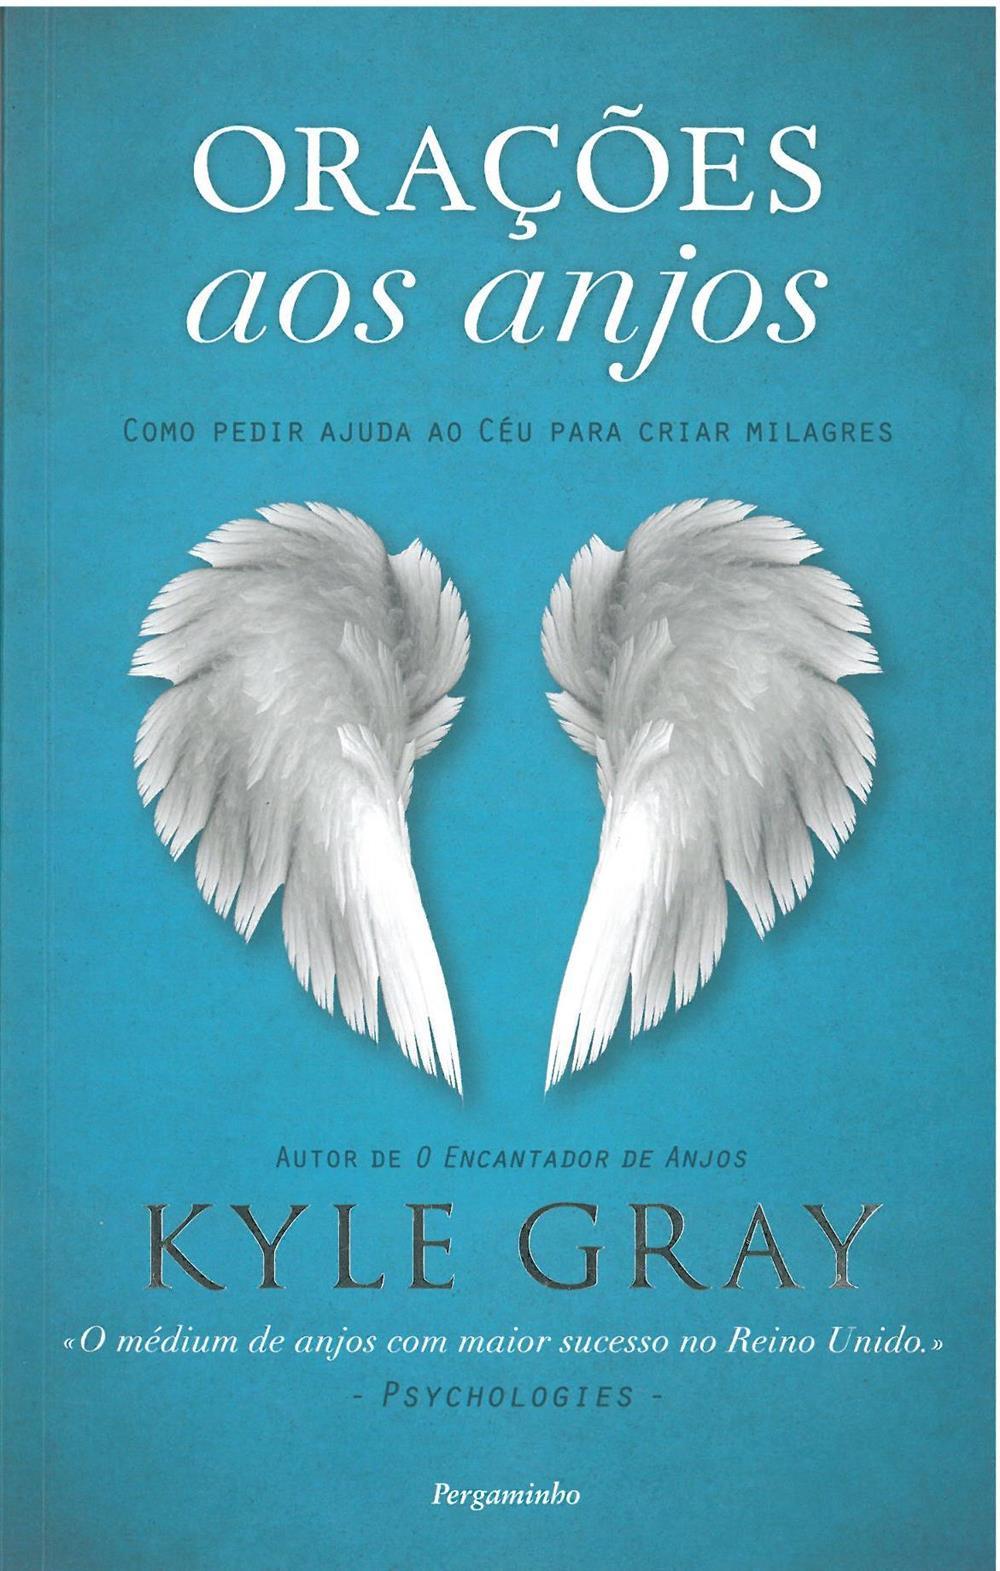 Orações aos anjos_.jpg